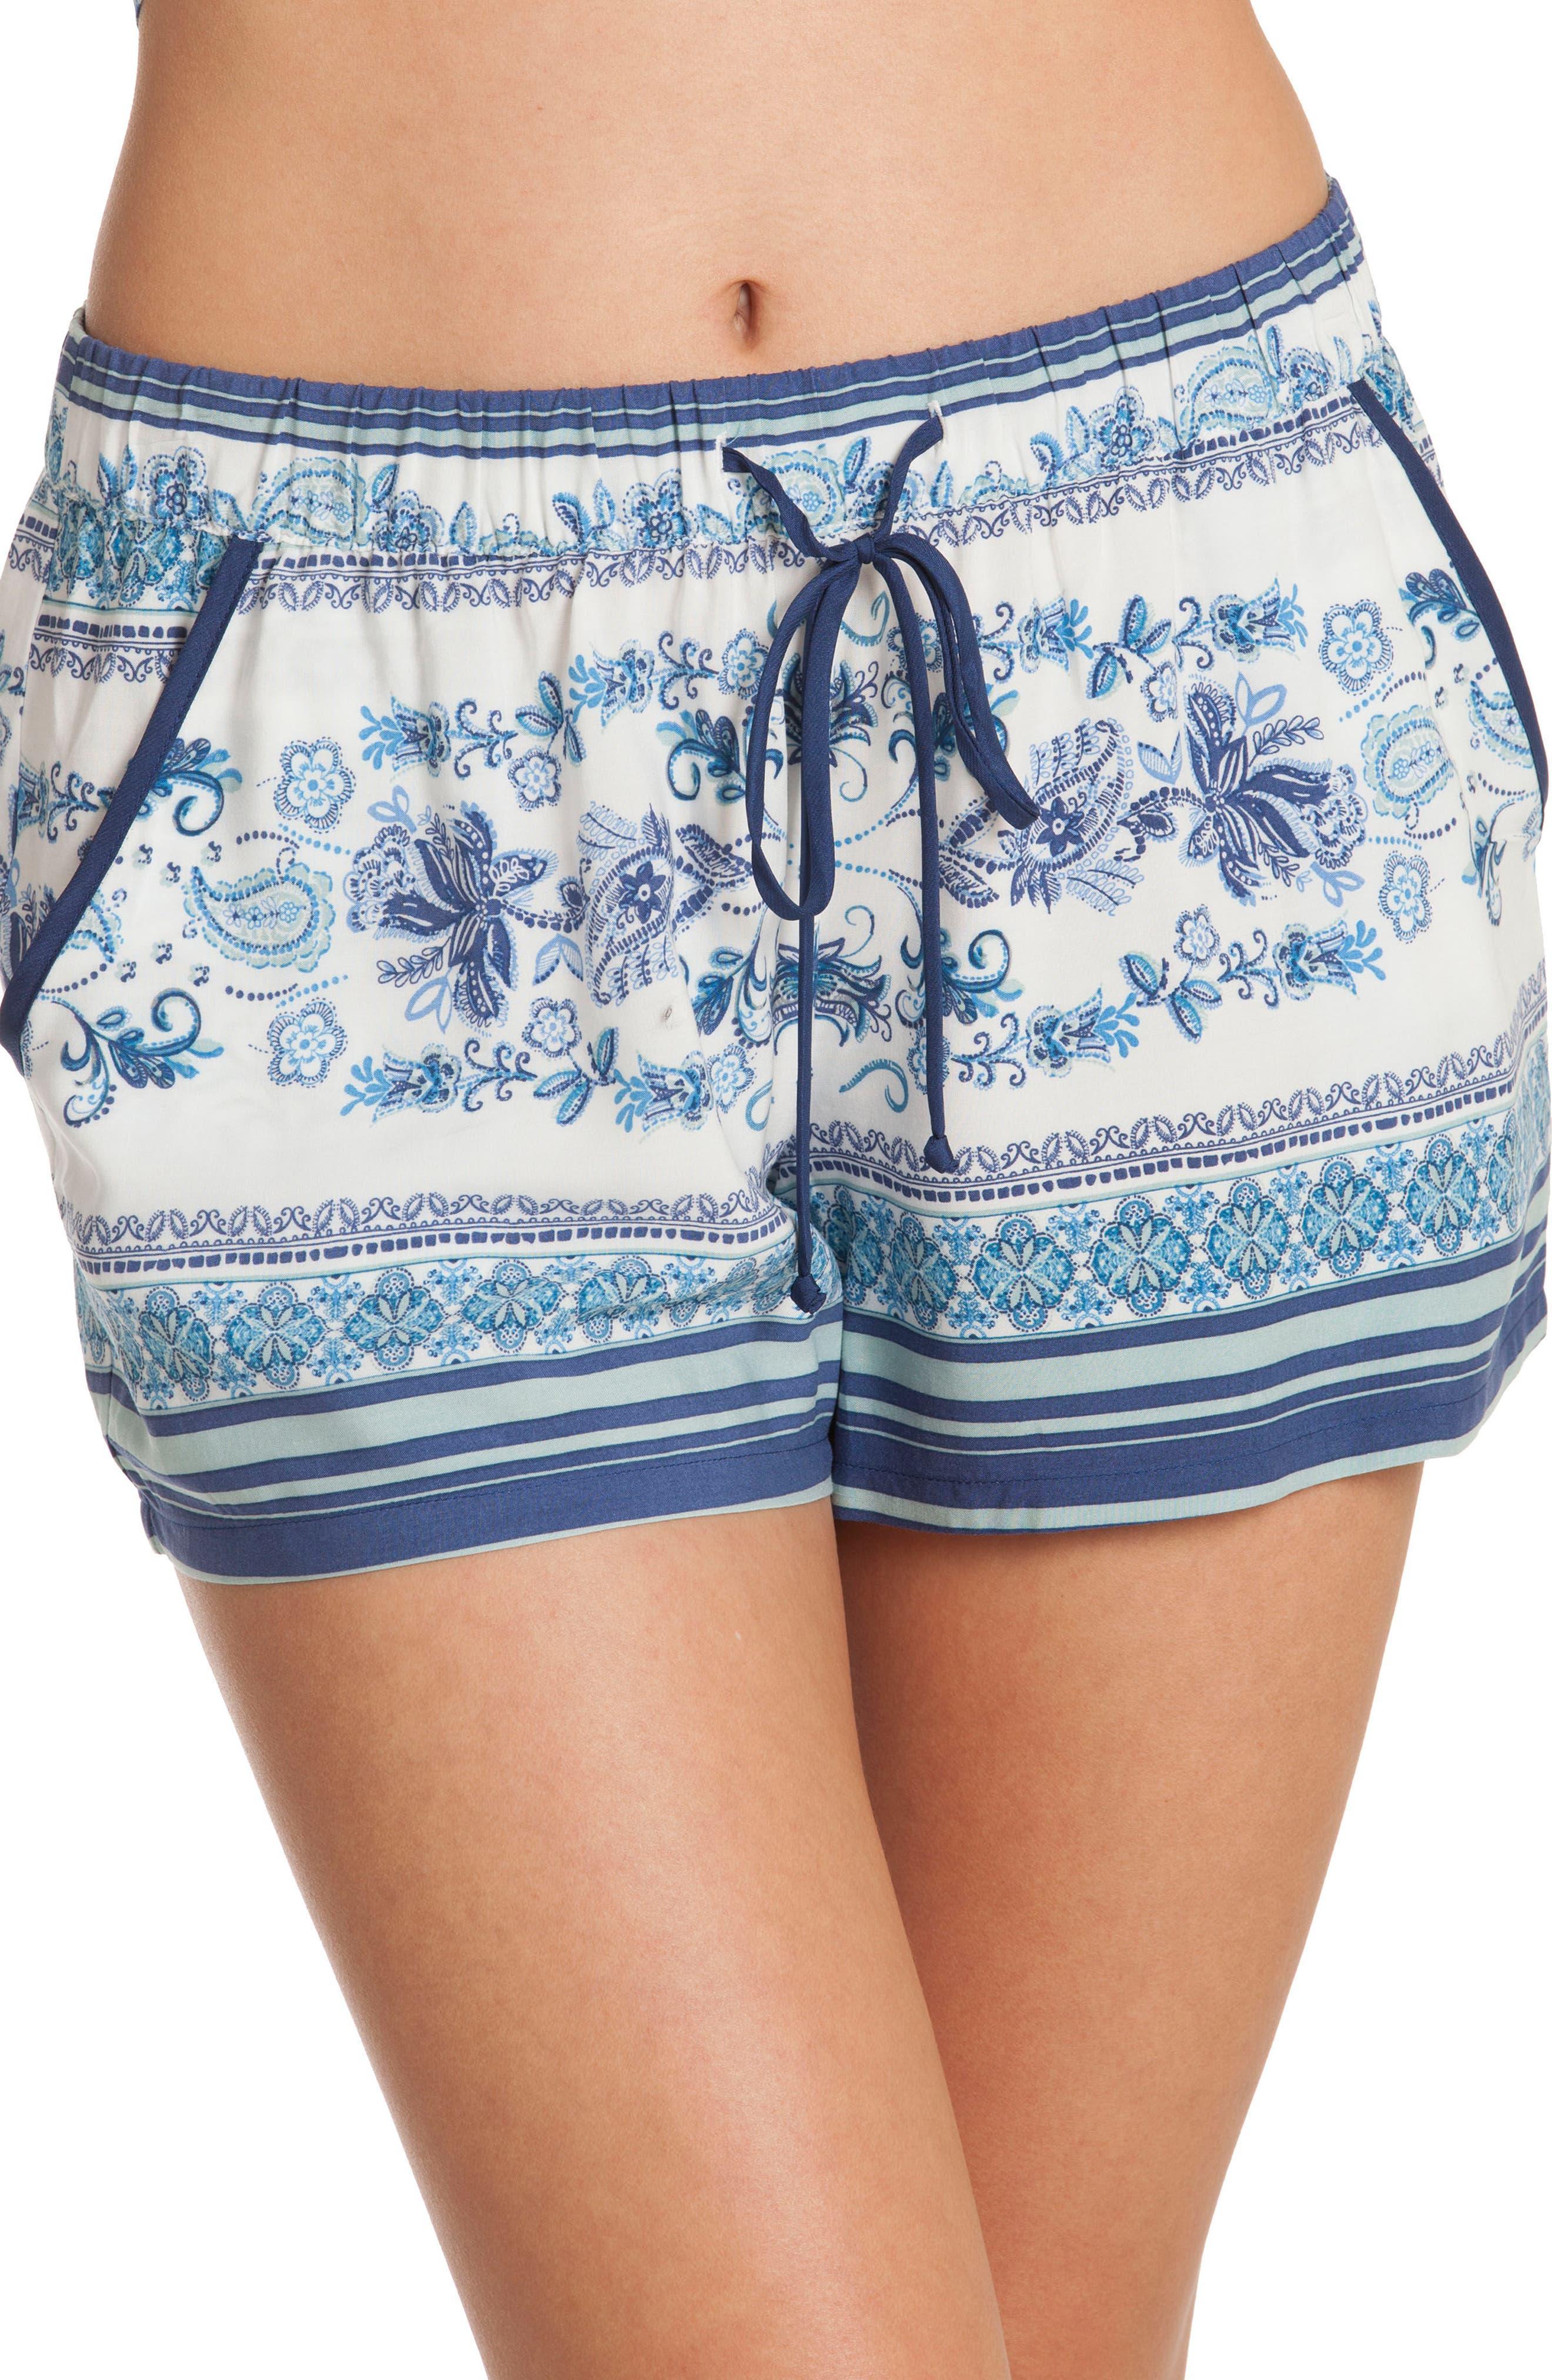 Short Pajamas,                             Alternate thumbnail 4, color,                             Blue/ White Print